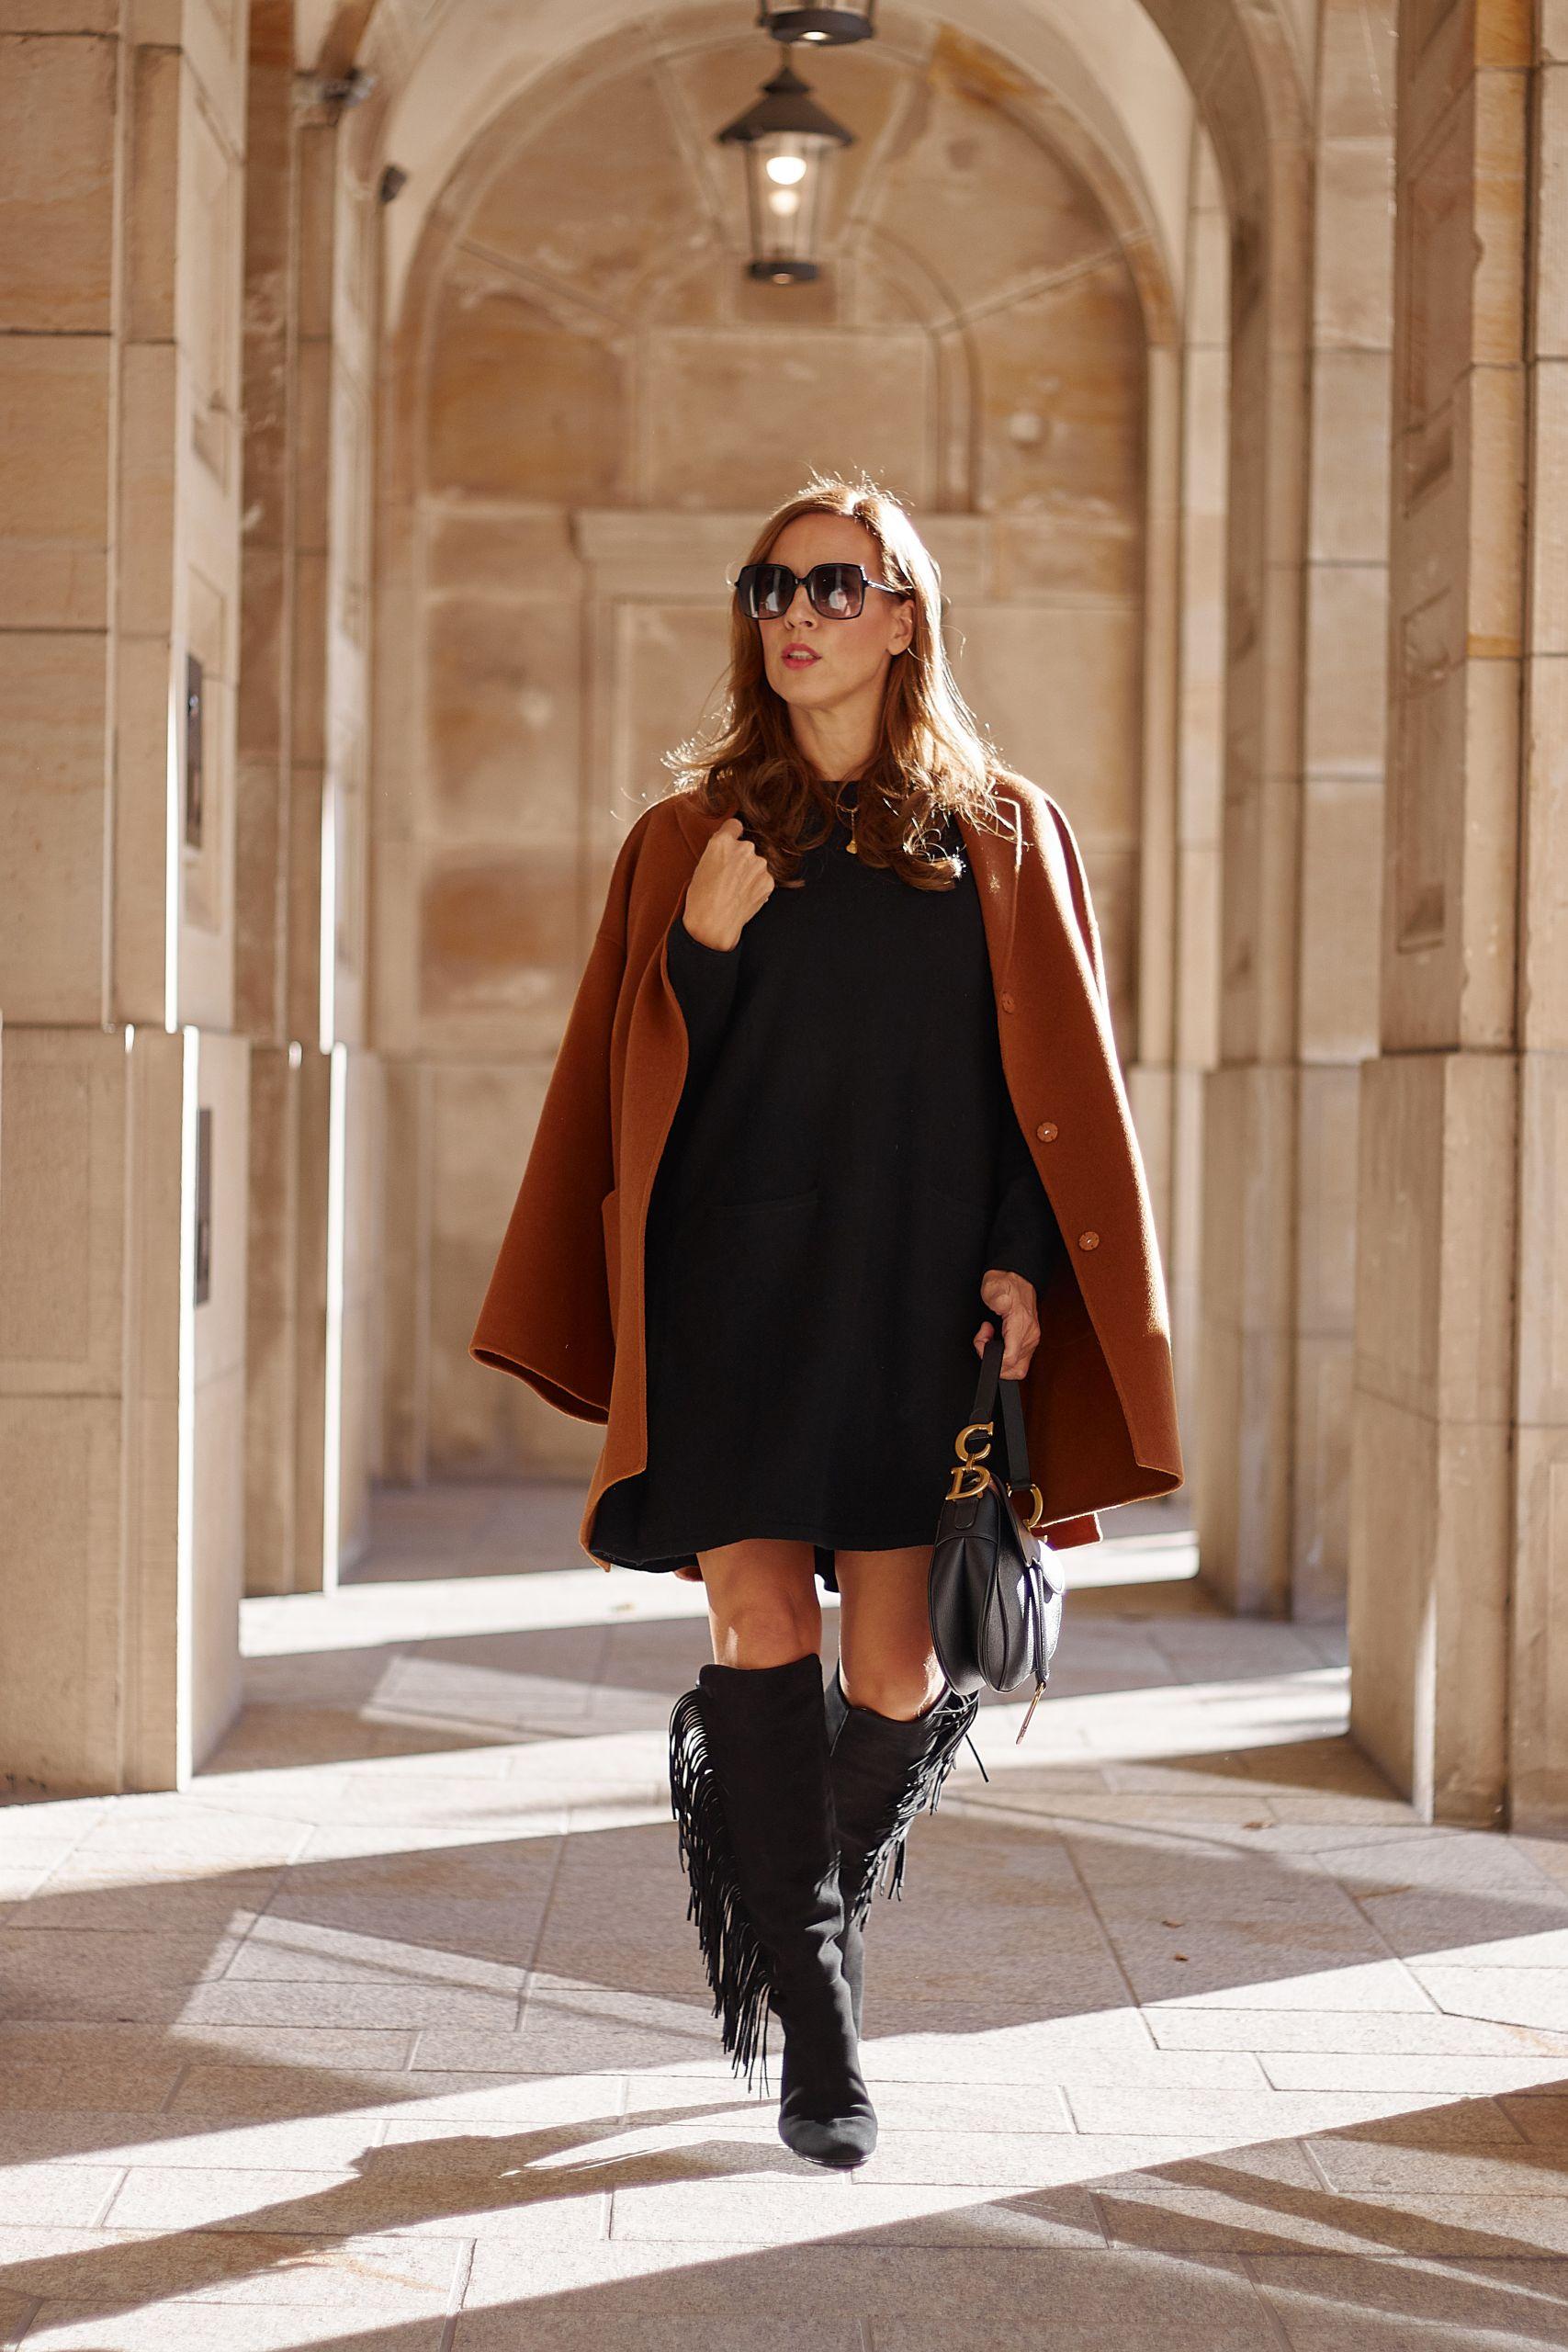 Brunate Stiefel zum Peter Hahn Kaschmir Kleid und zur Dior Saddle Bag in den Stadthöfen Hamburg